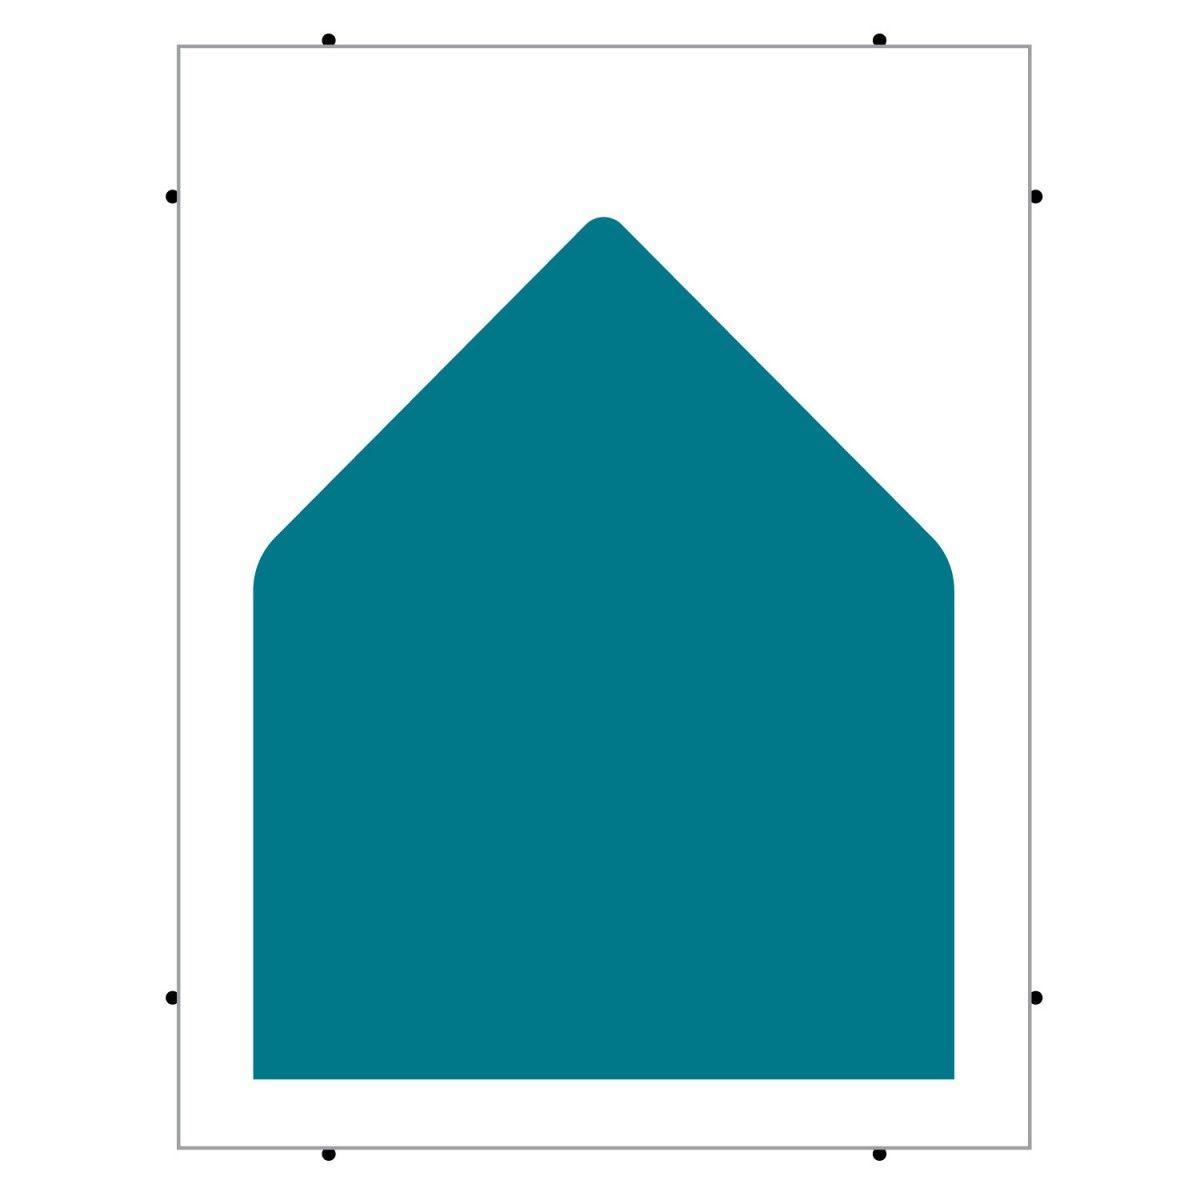 Envelope A7 7 Liner Pinnovation Diy Crafts Pinterest